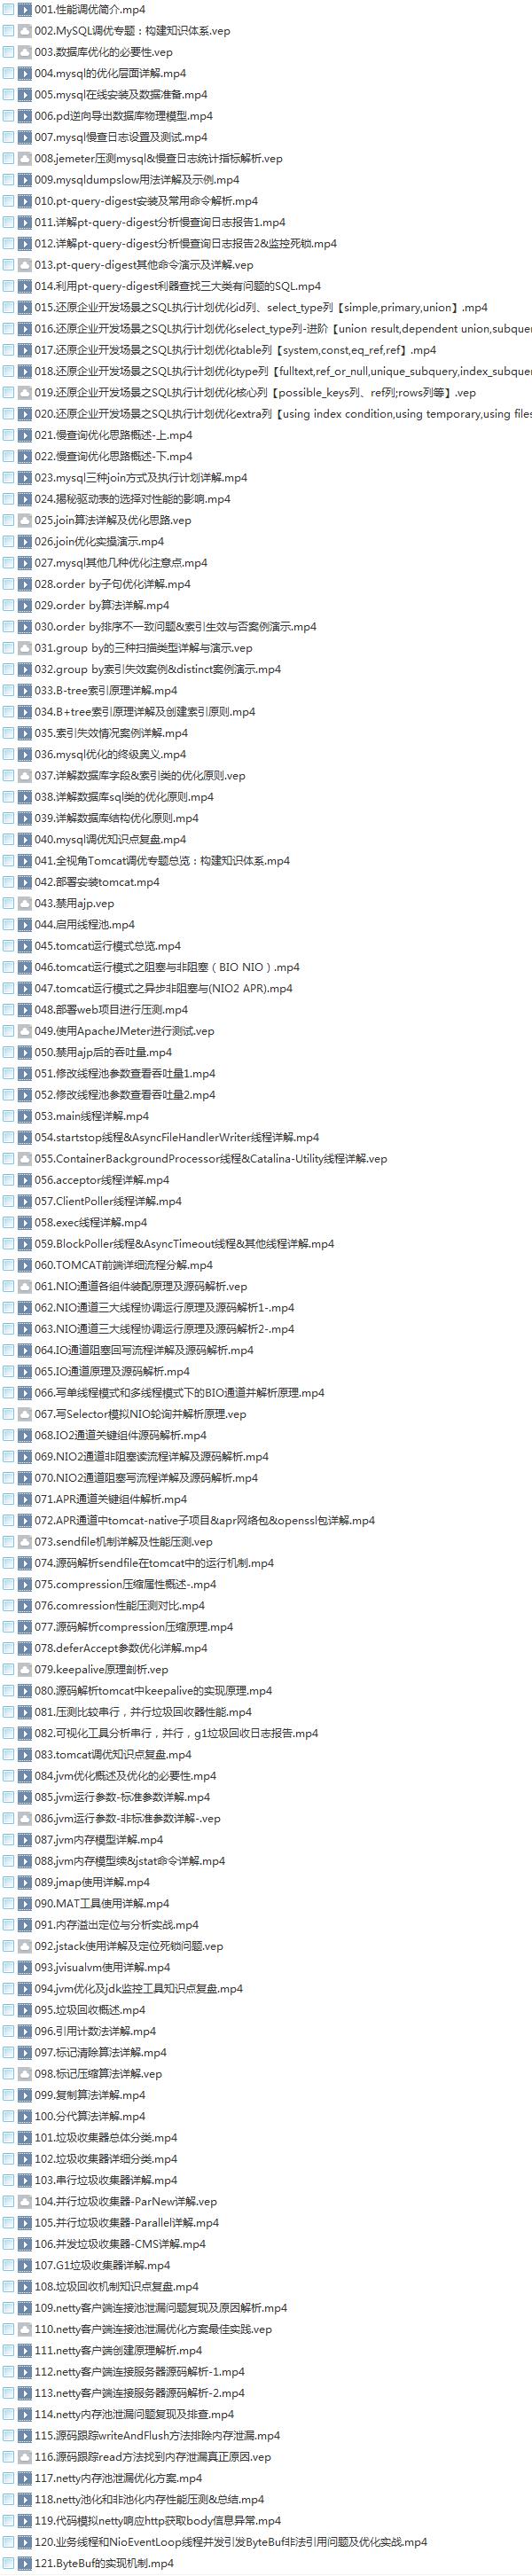 33套Java基础到大牛高薪视频教程,零到架构,Java精讲,框架精讲,高薪进阶,高效编程,全栈Java调优,网络编程,权限框架,微服务,多线程,支付项目实战,OA工作流,日志框架,大厂面试,大型项目实战系列教程插图(20)